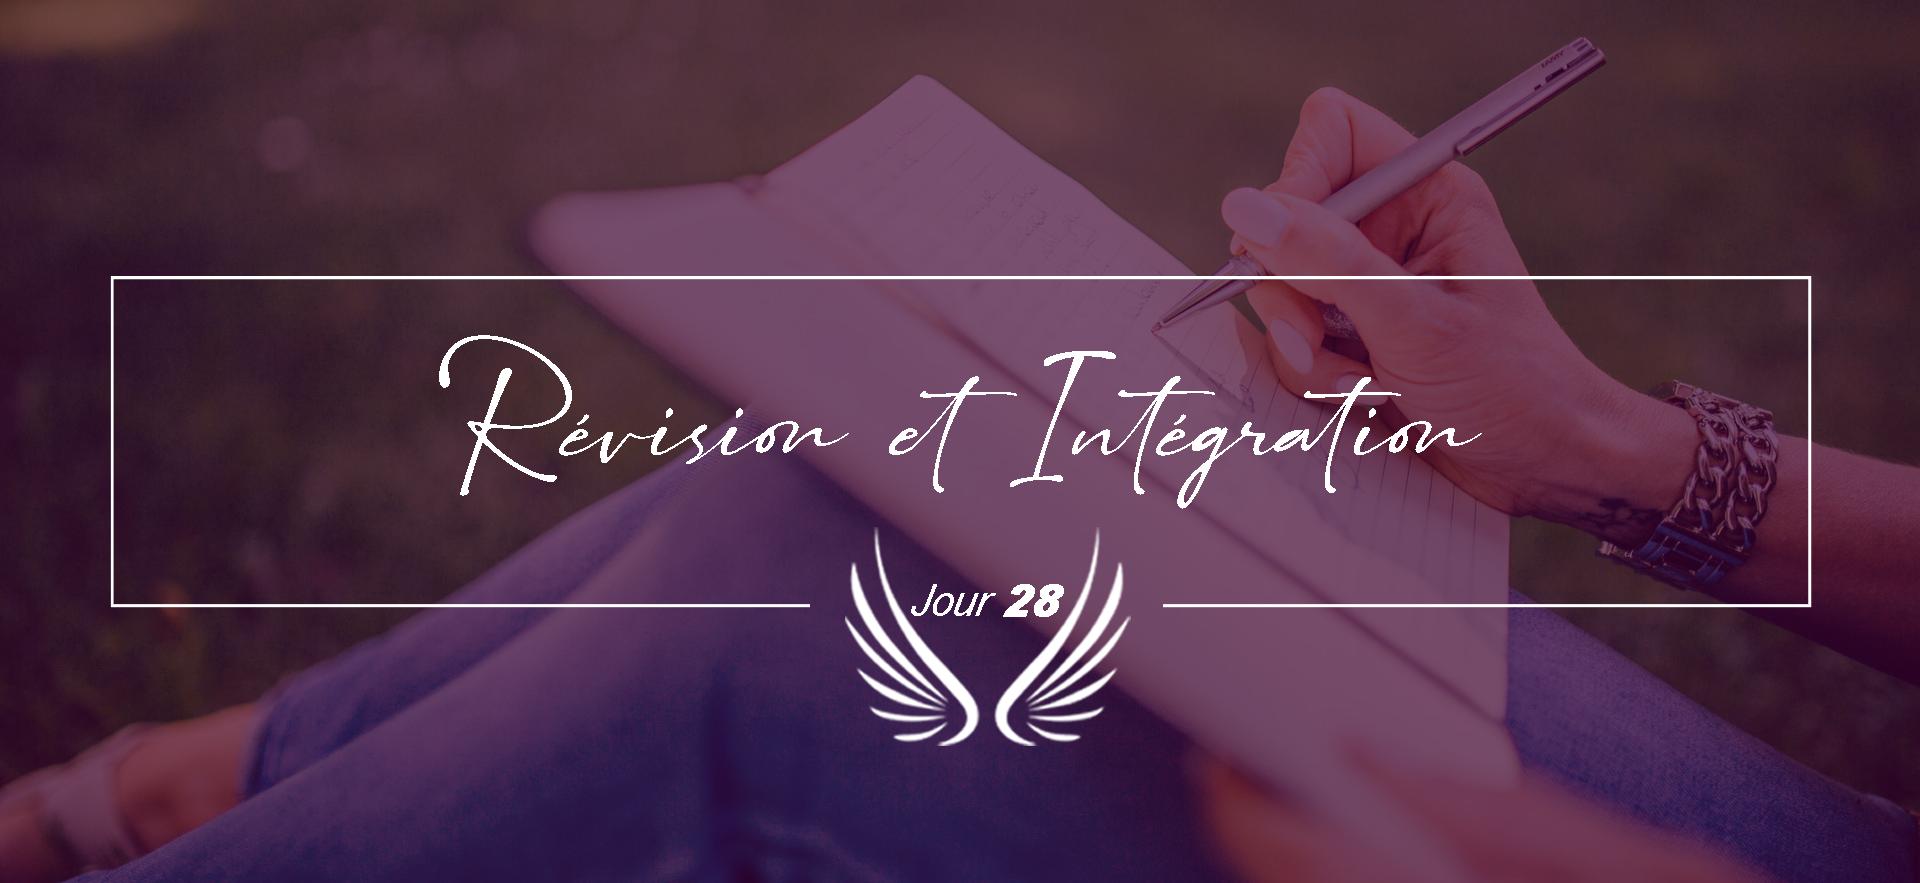 JOUR 28 – REVISION ET INTEGRATION.png